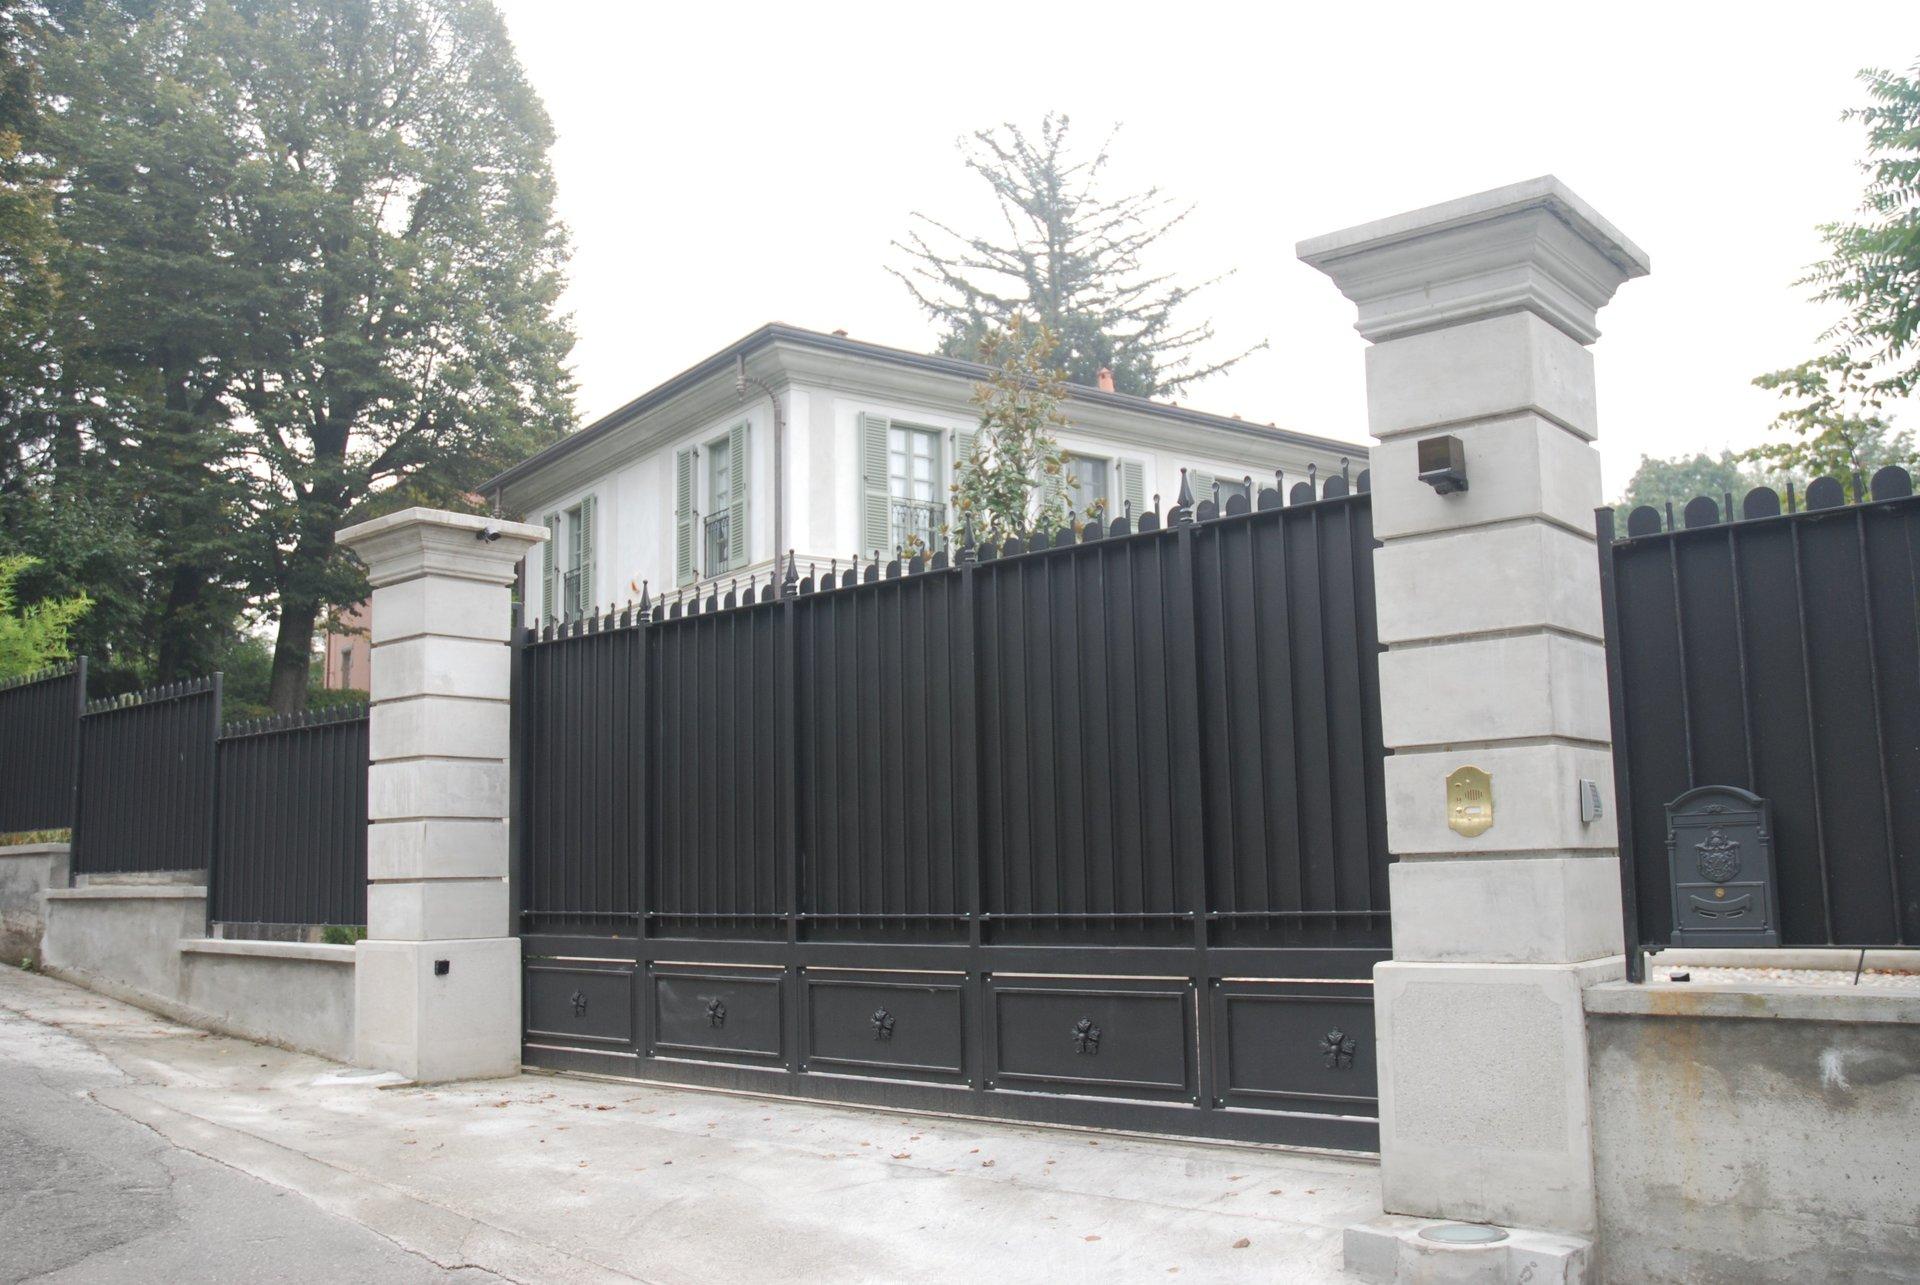 Vendita case in cemento quanto costa una casa in cemento for Fumagalli case prefabbricate prezzi